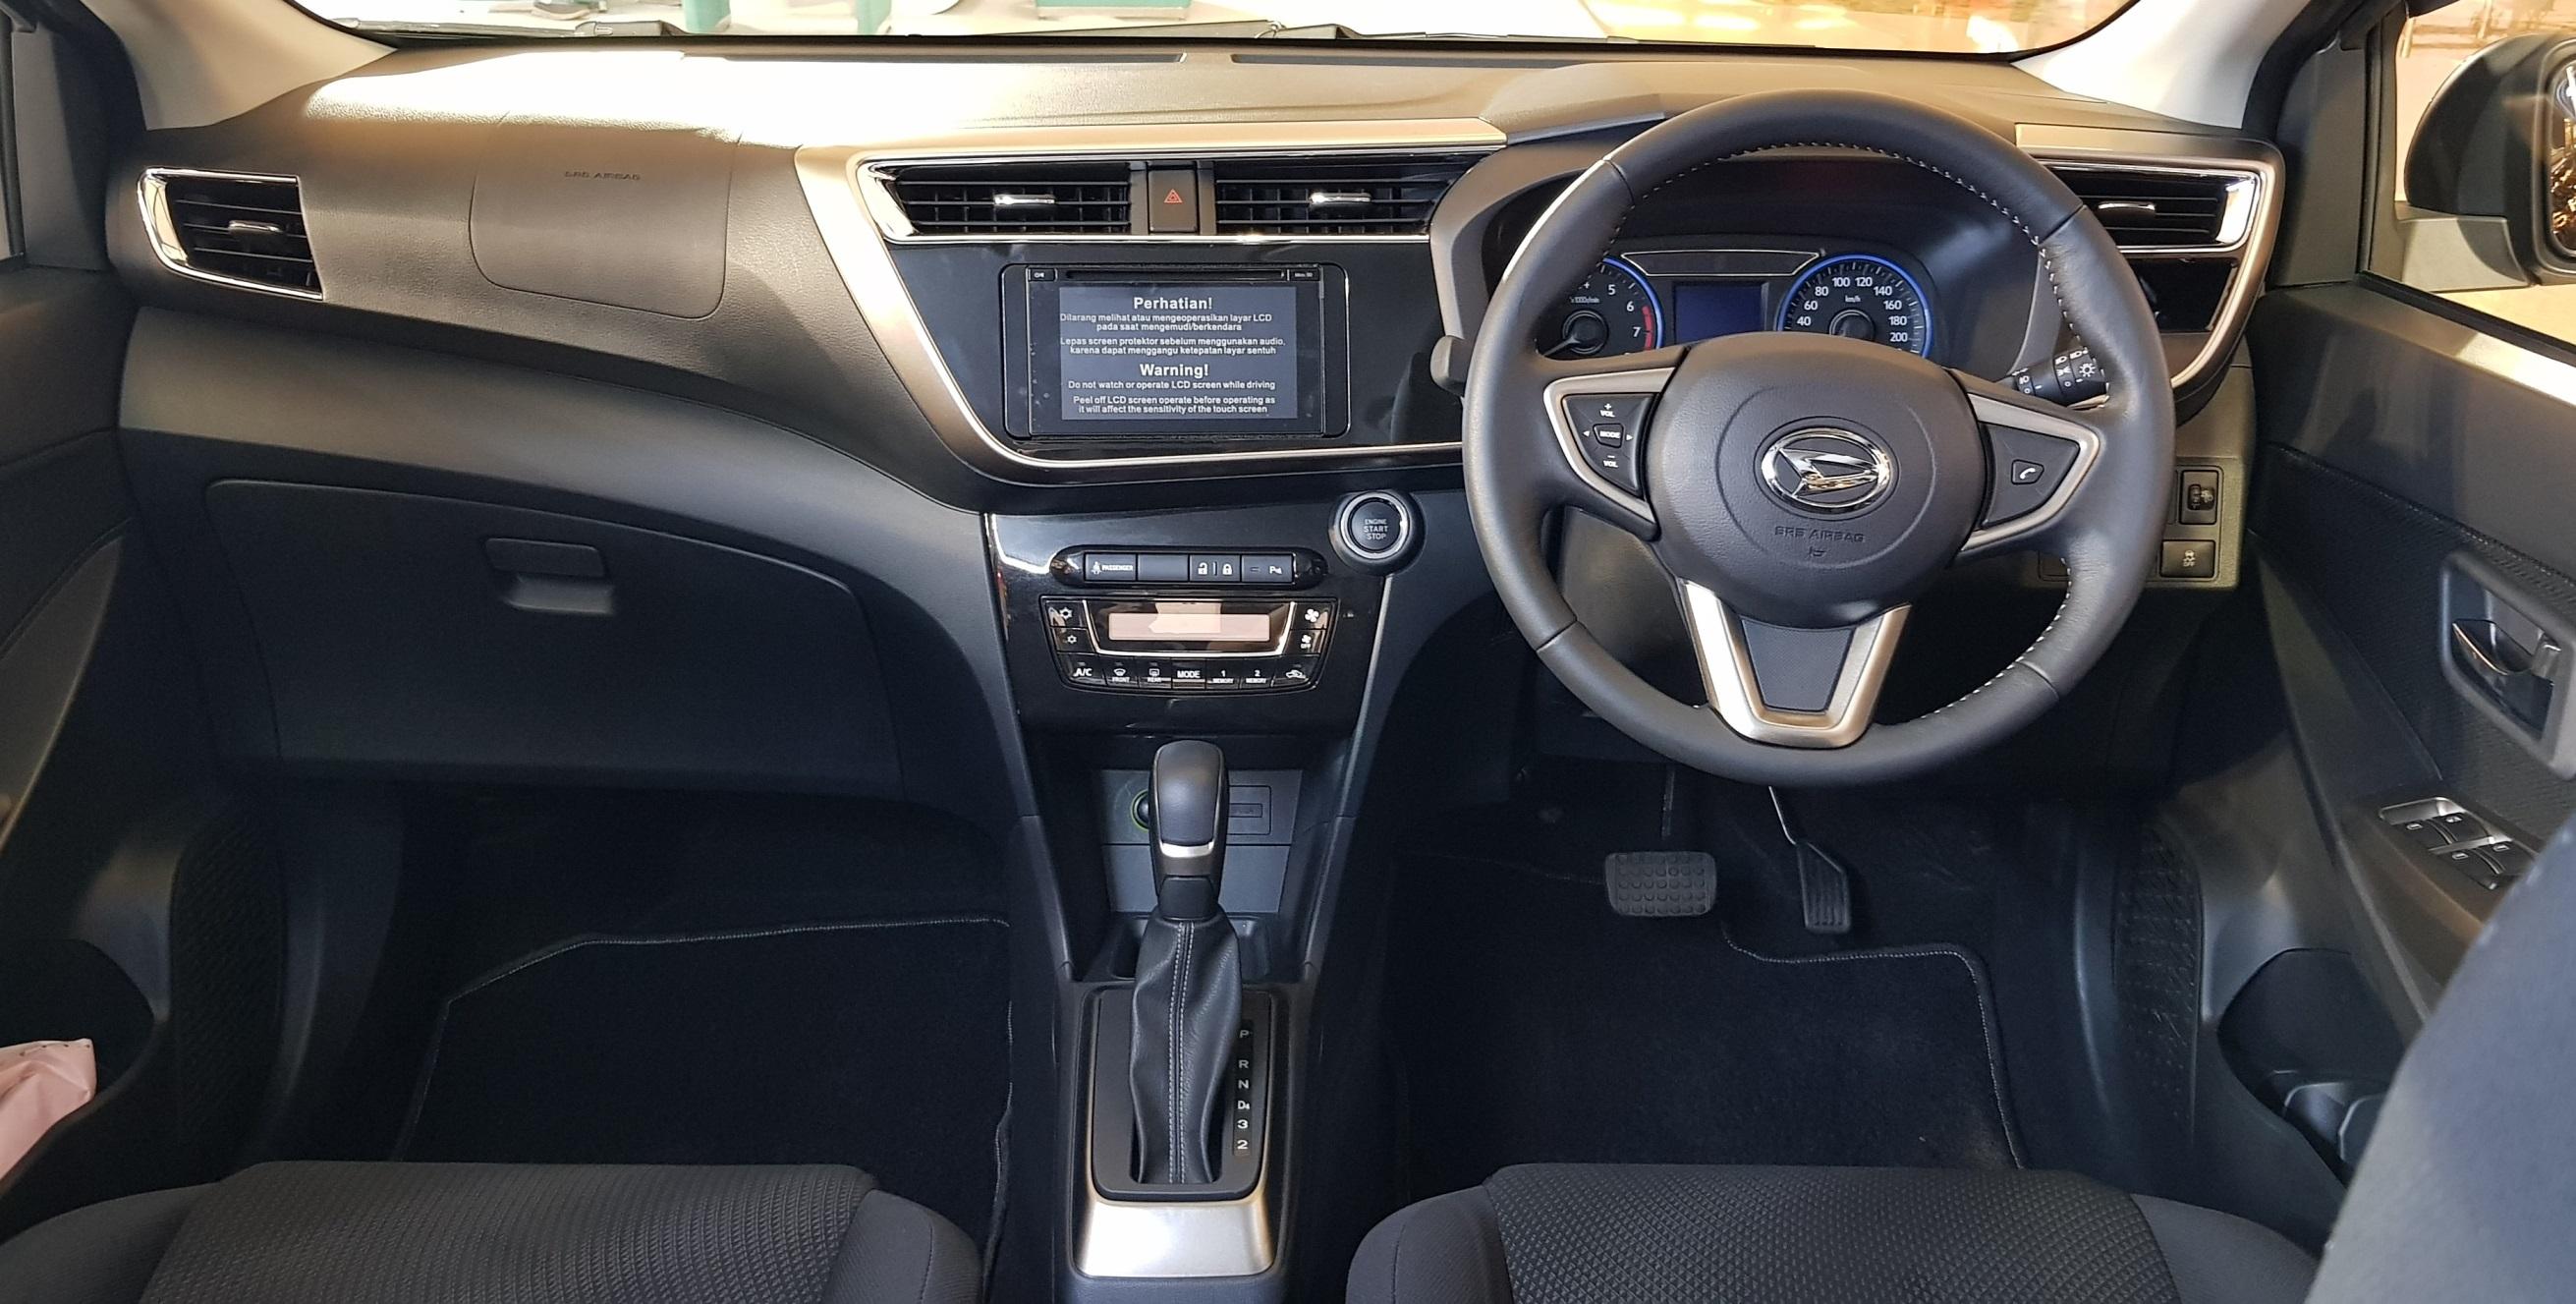 Tampilan sisi interior Dashboard All New Sirion yang tampil lebih modern dengan berbagai fitur seperti key-free start-stop button, dan fitur safety yang lebih lengkap